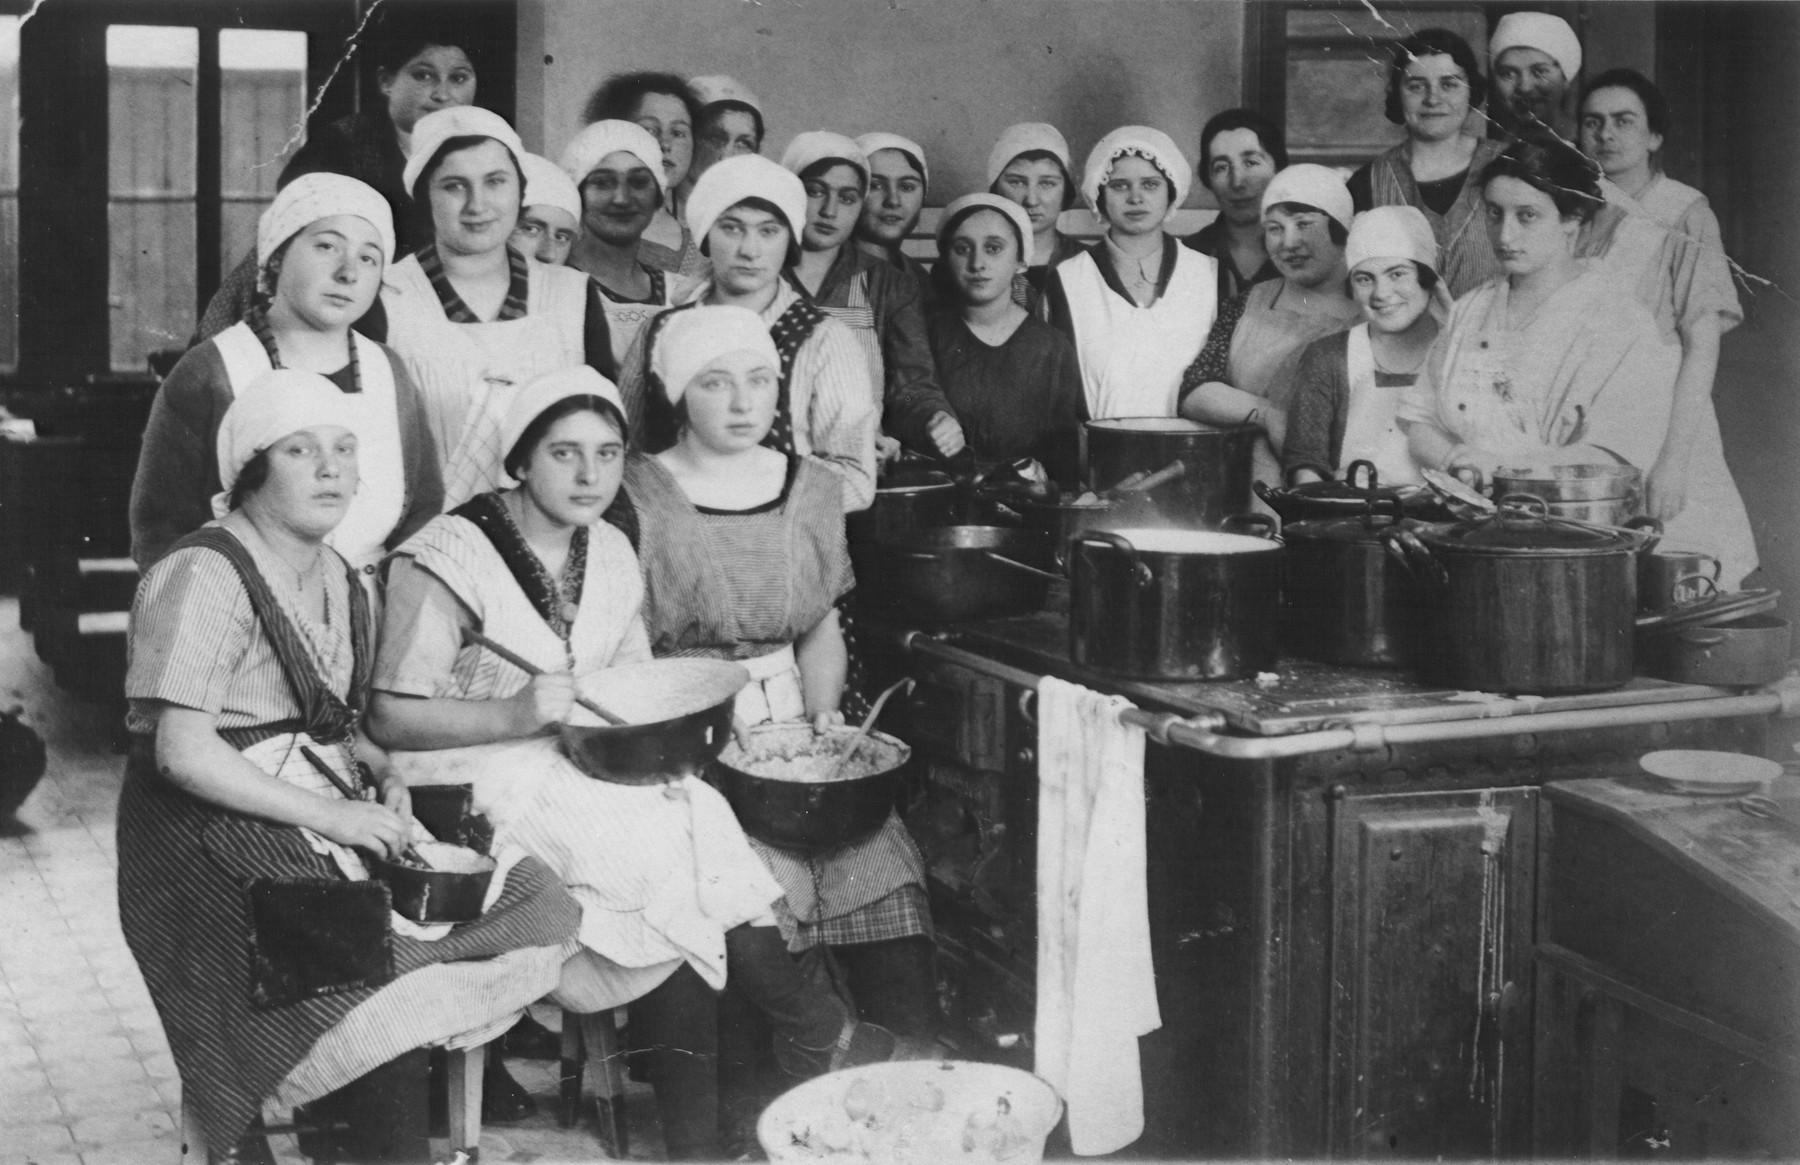 Erna Gerson (later Gottschalk) in a cooking class.